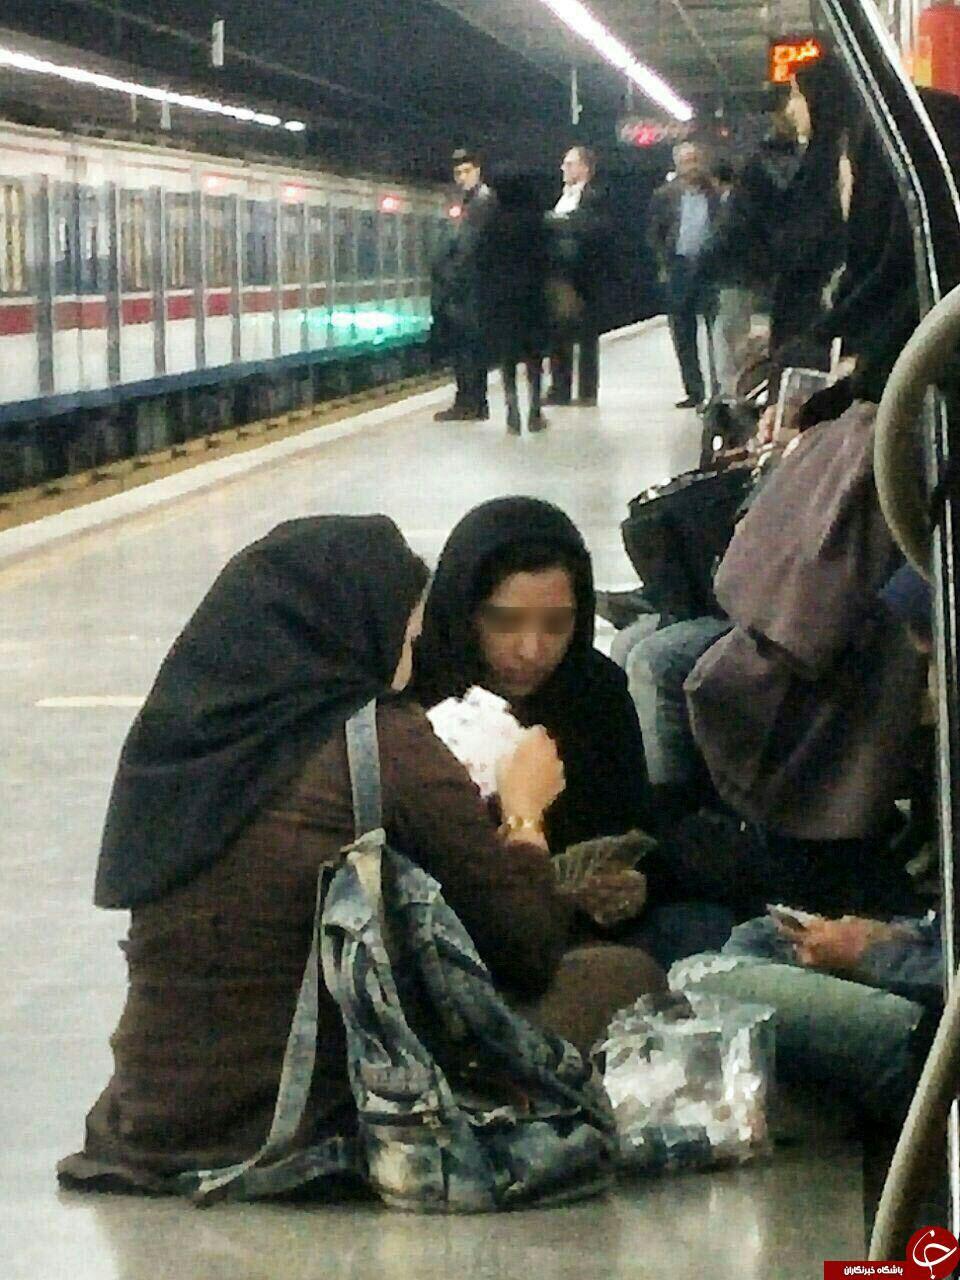 ورق بازی دختران در مترو + عکس